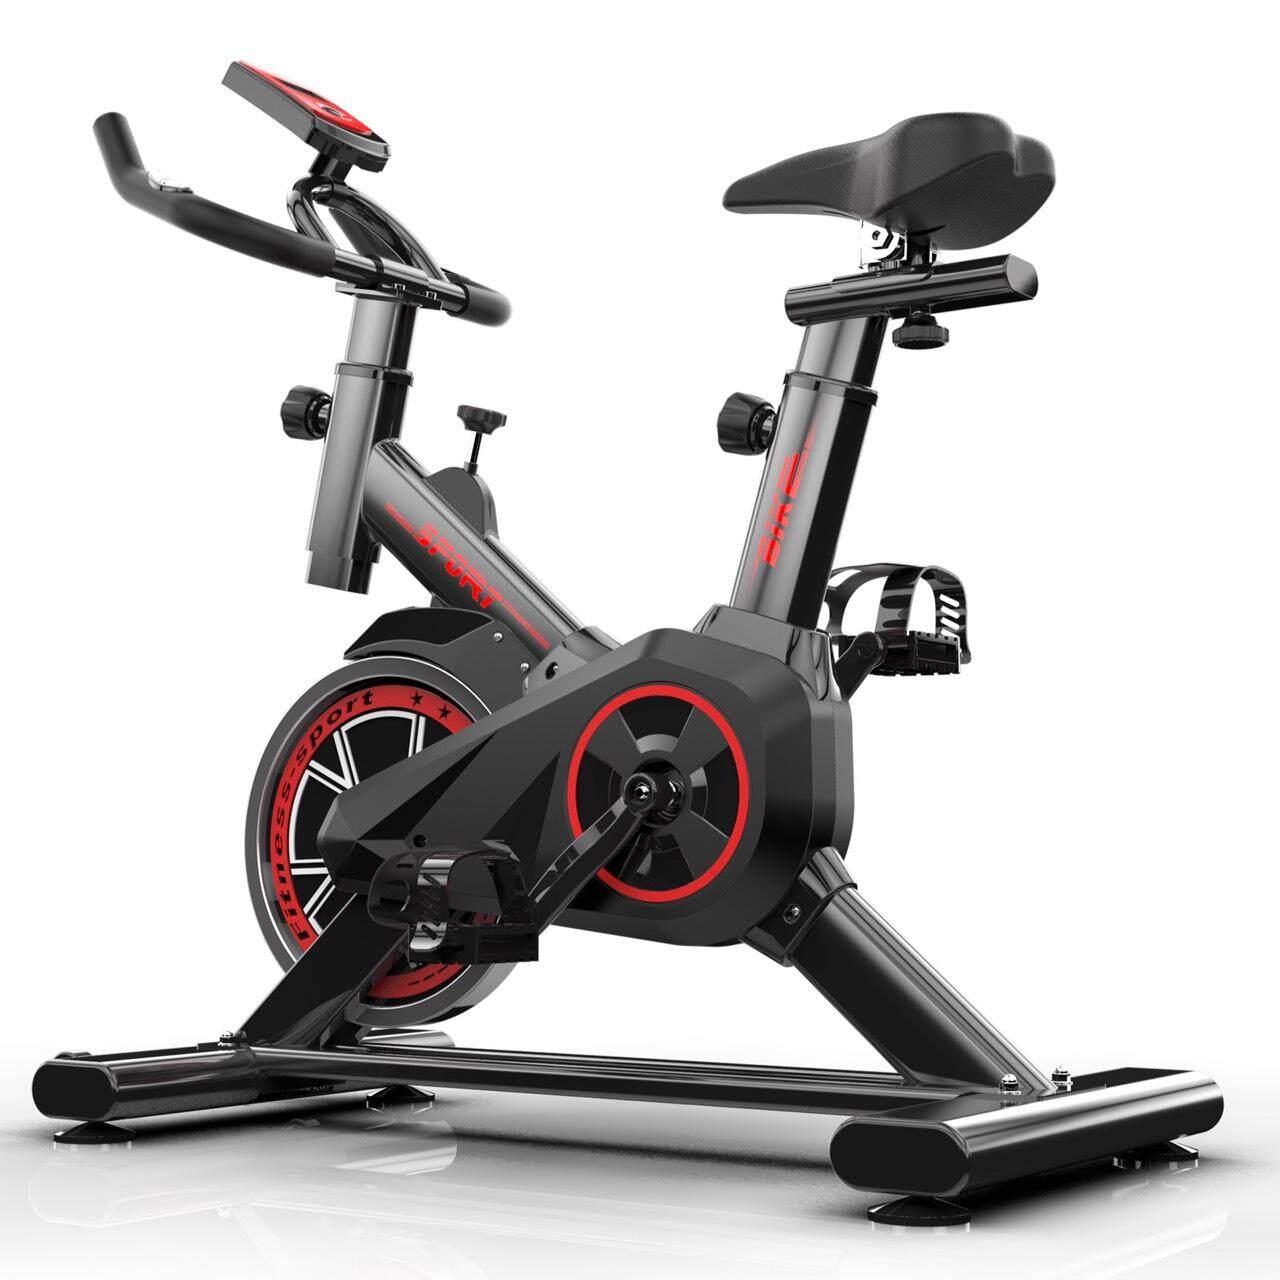 จักรยานออกกำลังกาย Exercise Spin Bike จักรยานฟิตเนส Spinning Bike Spinbike จักรยานฟิตเนส เครื่องปั่นจักรยาน By Pro_kitchen.